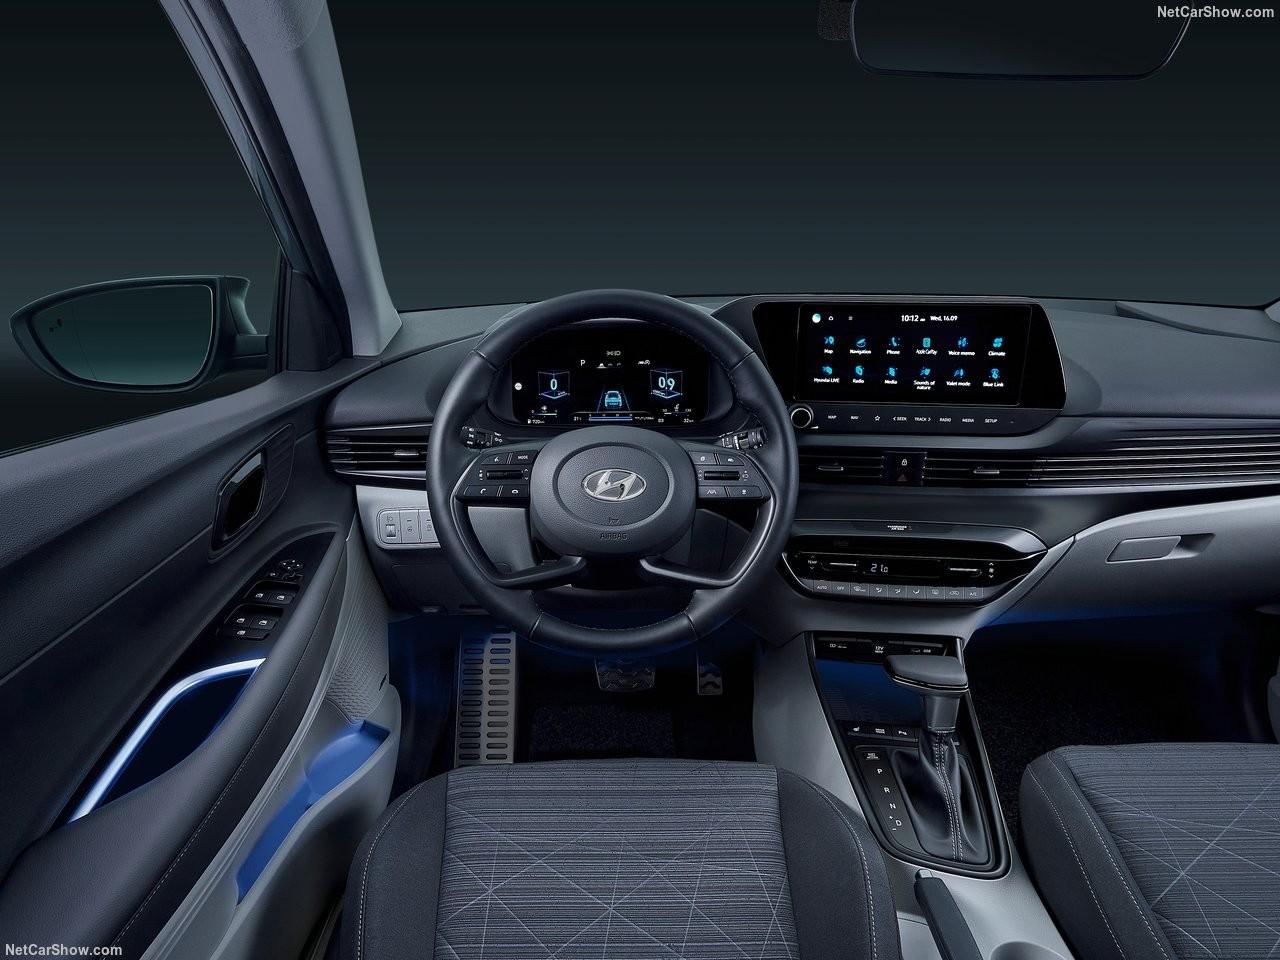 Chi tiết Hyundai Bayon 2022: Mẫu Crossover sở hữu thiết kế và những tính năng của tương lai